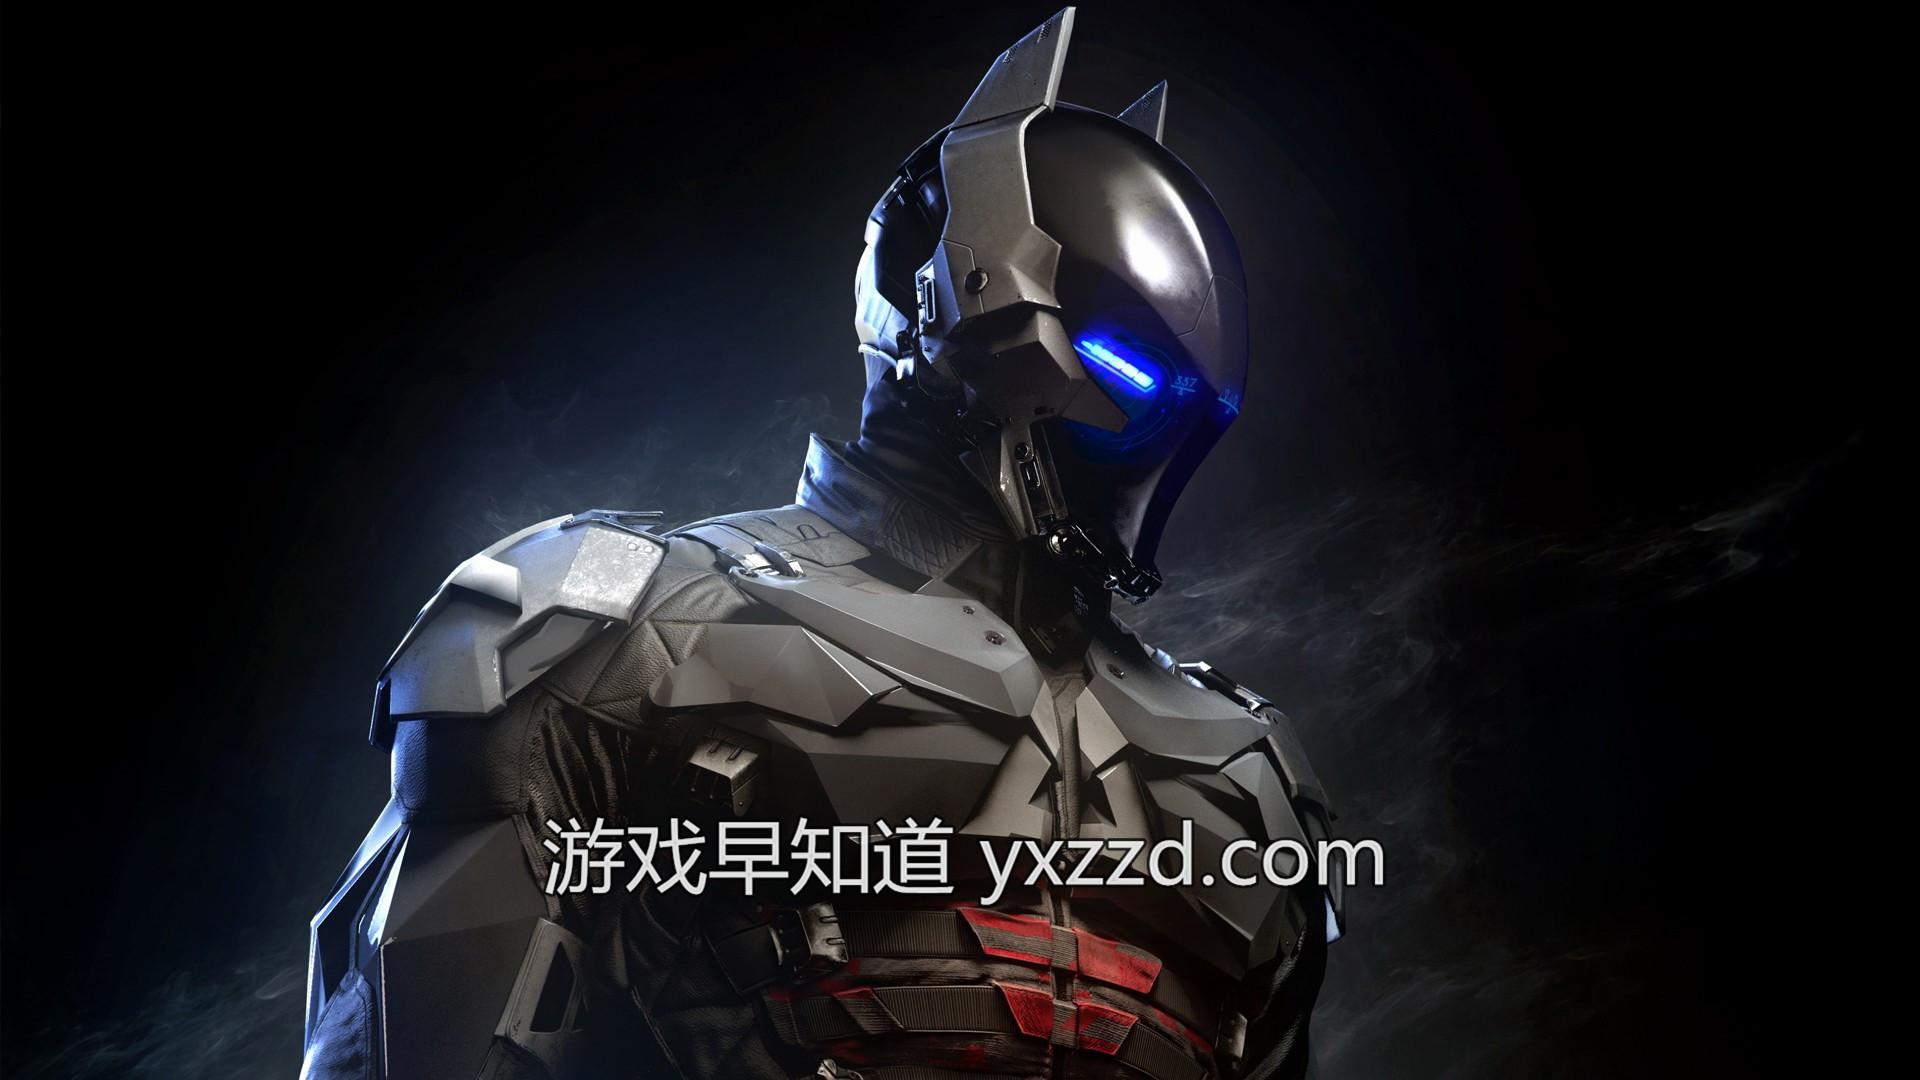 蝙蝠侠阿甘骑士Batman Arkham Knight